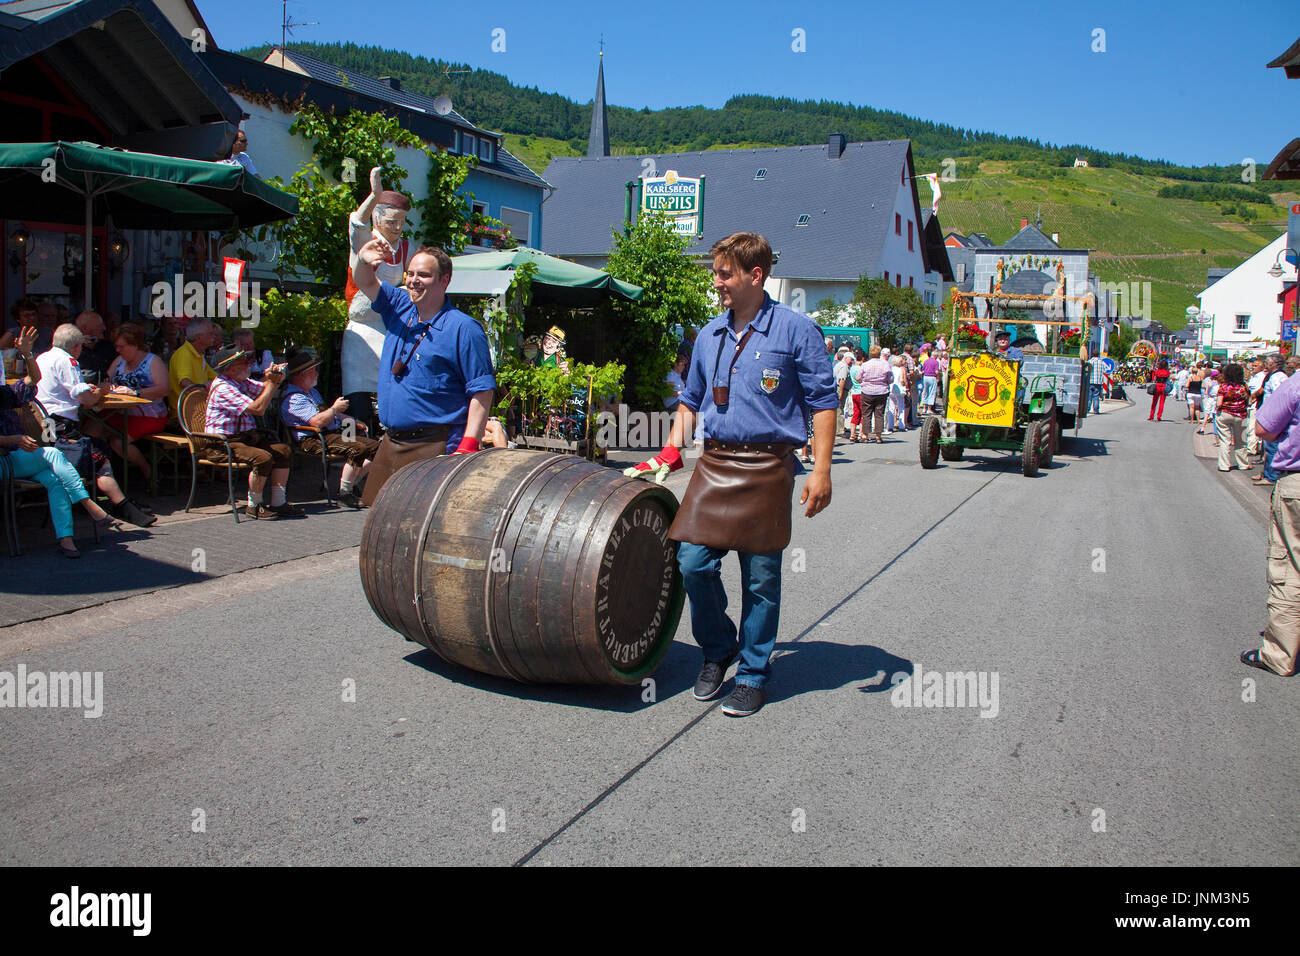 Trachtengruppe, Trachtengruppe beim internationalen Trachtenfest in Kröv, Mosel, Mittelmosel, Rheinland-Pfalz, Deutschland, Europa | International fes - Stock Image